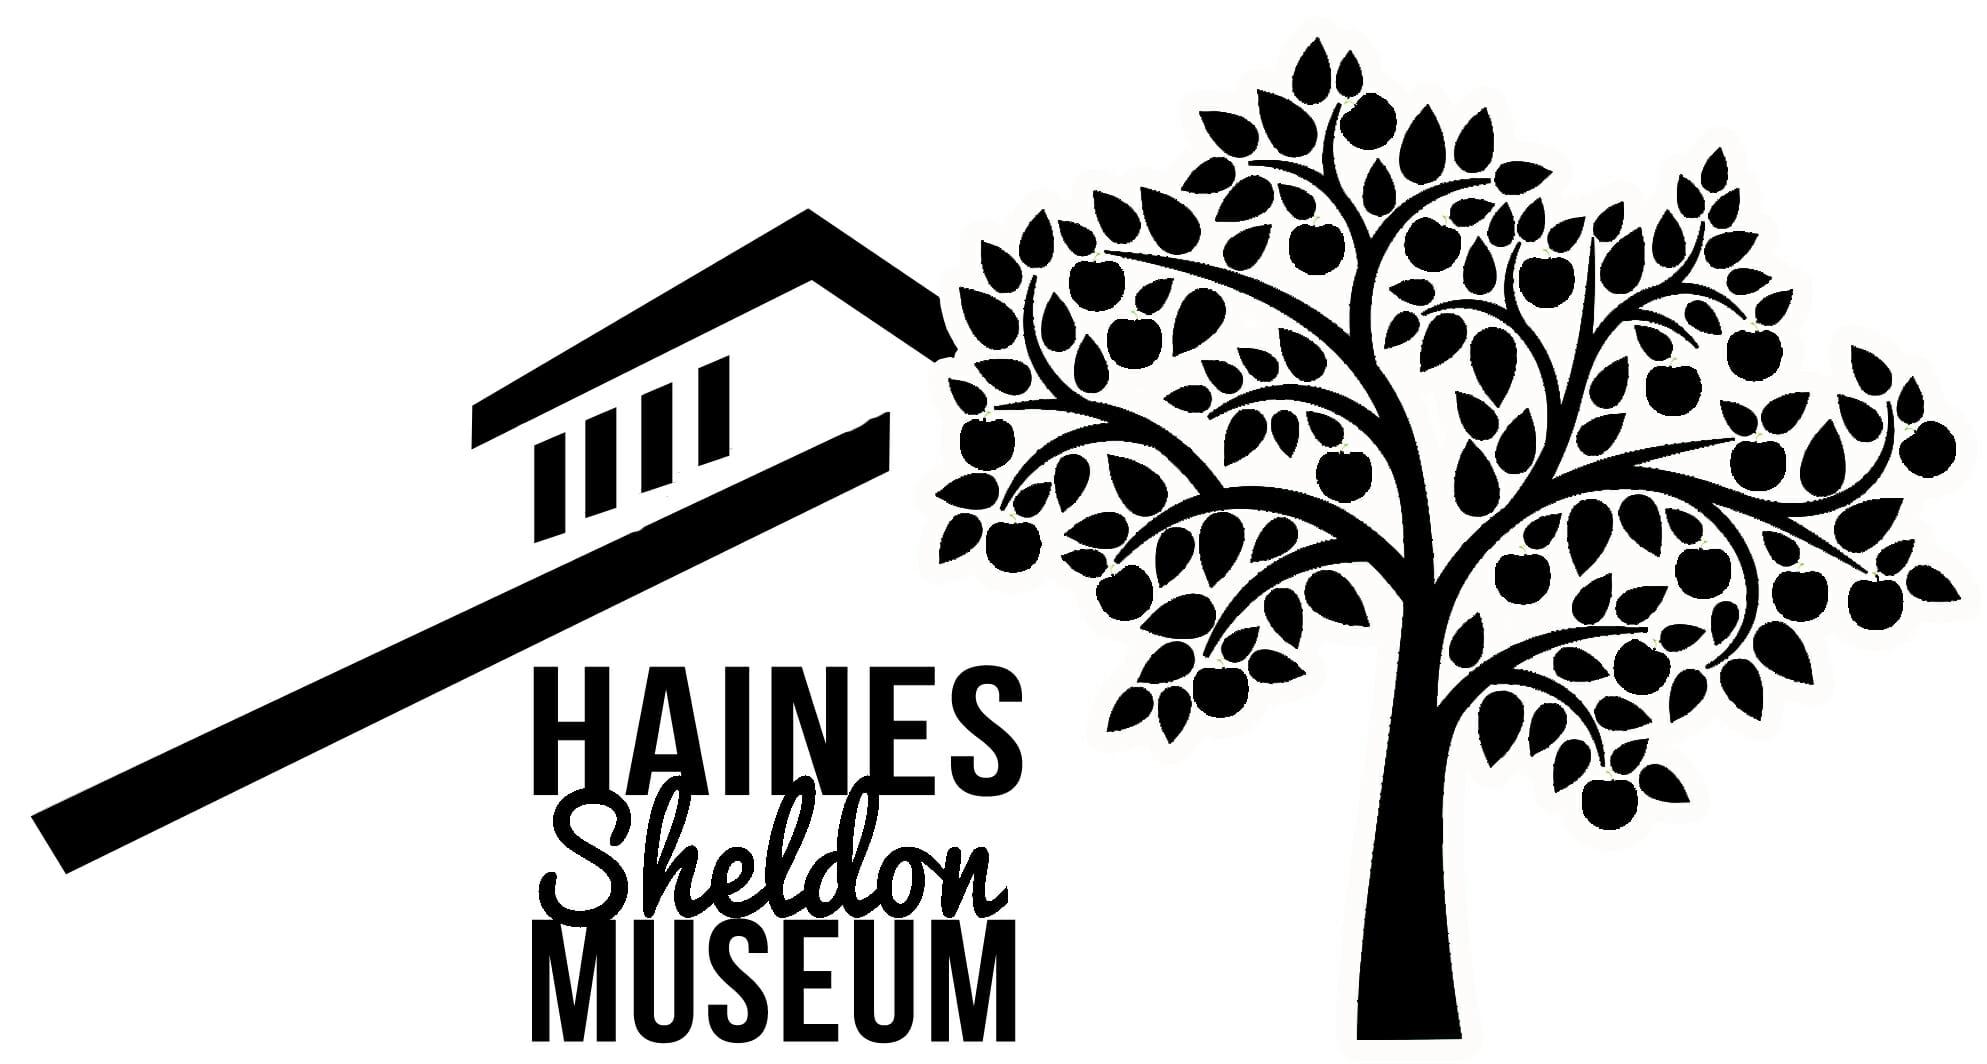 Haines Sheldon Museum